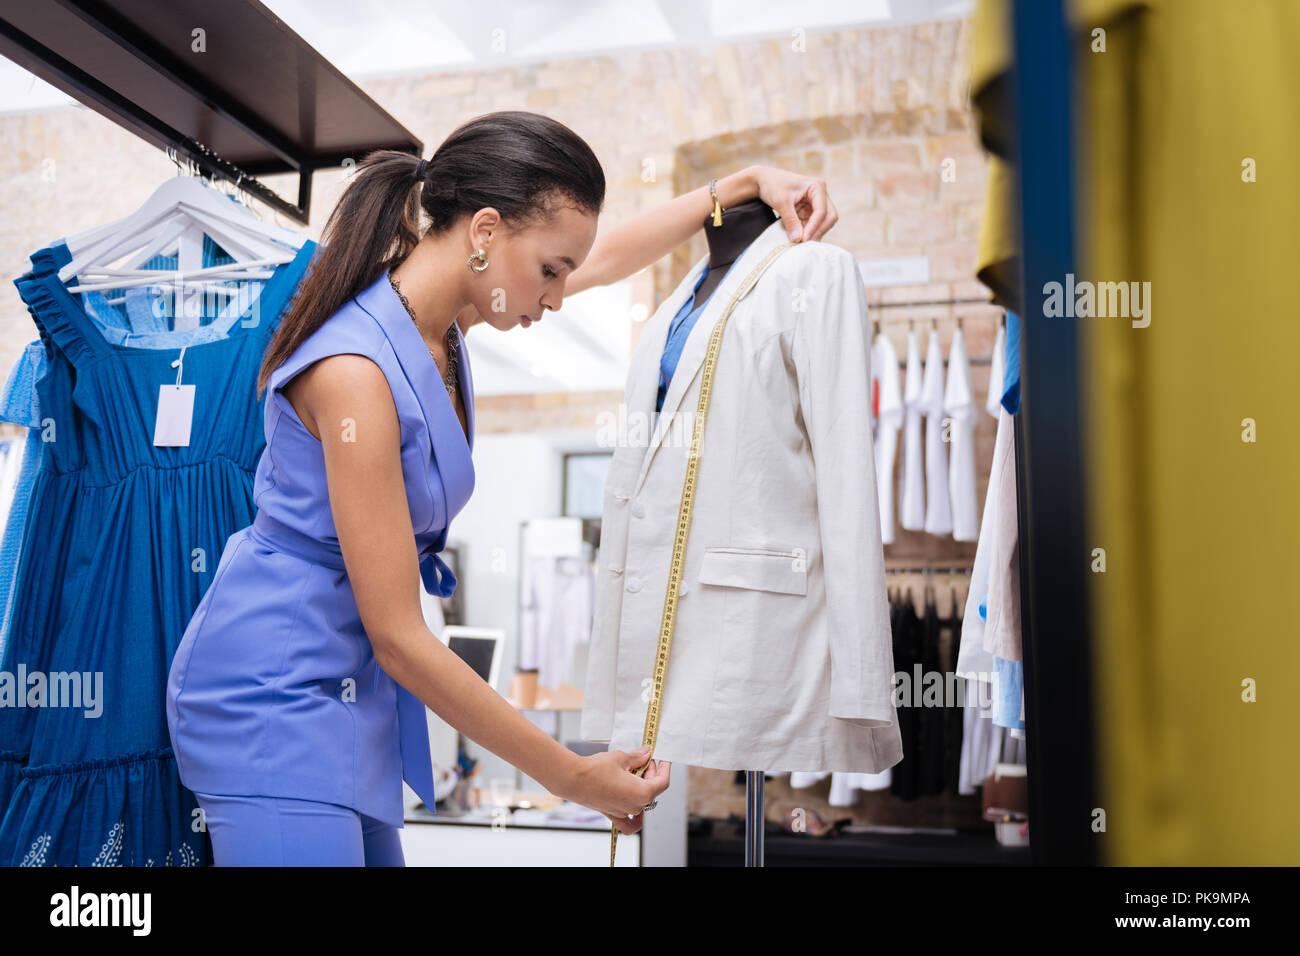 Schwerpunkt weibliche Verkäufer messen Jacke Länge Stockbild